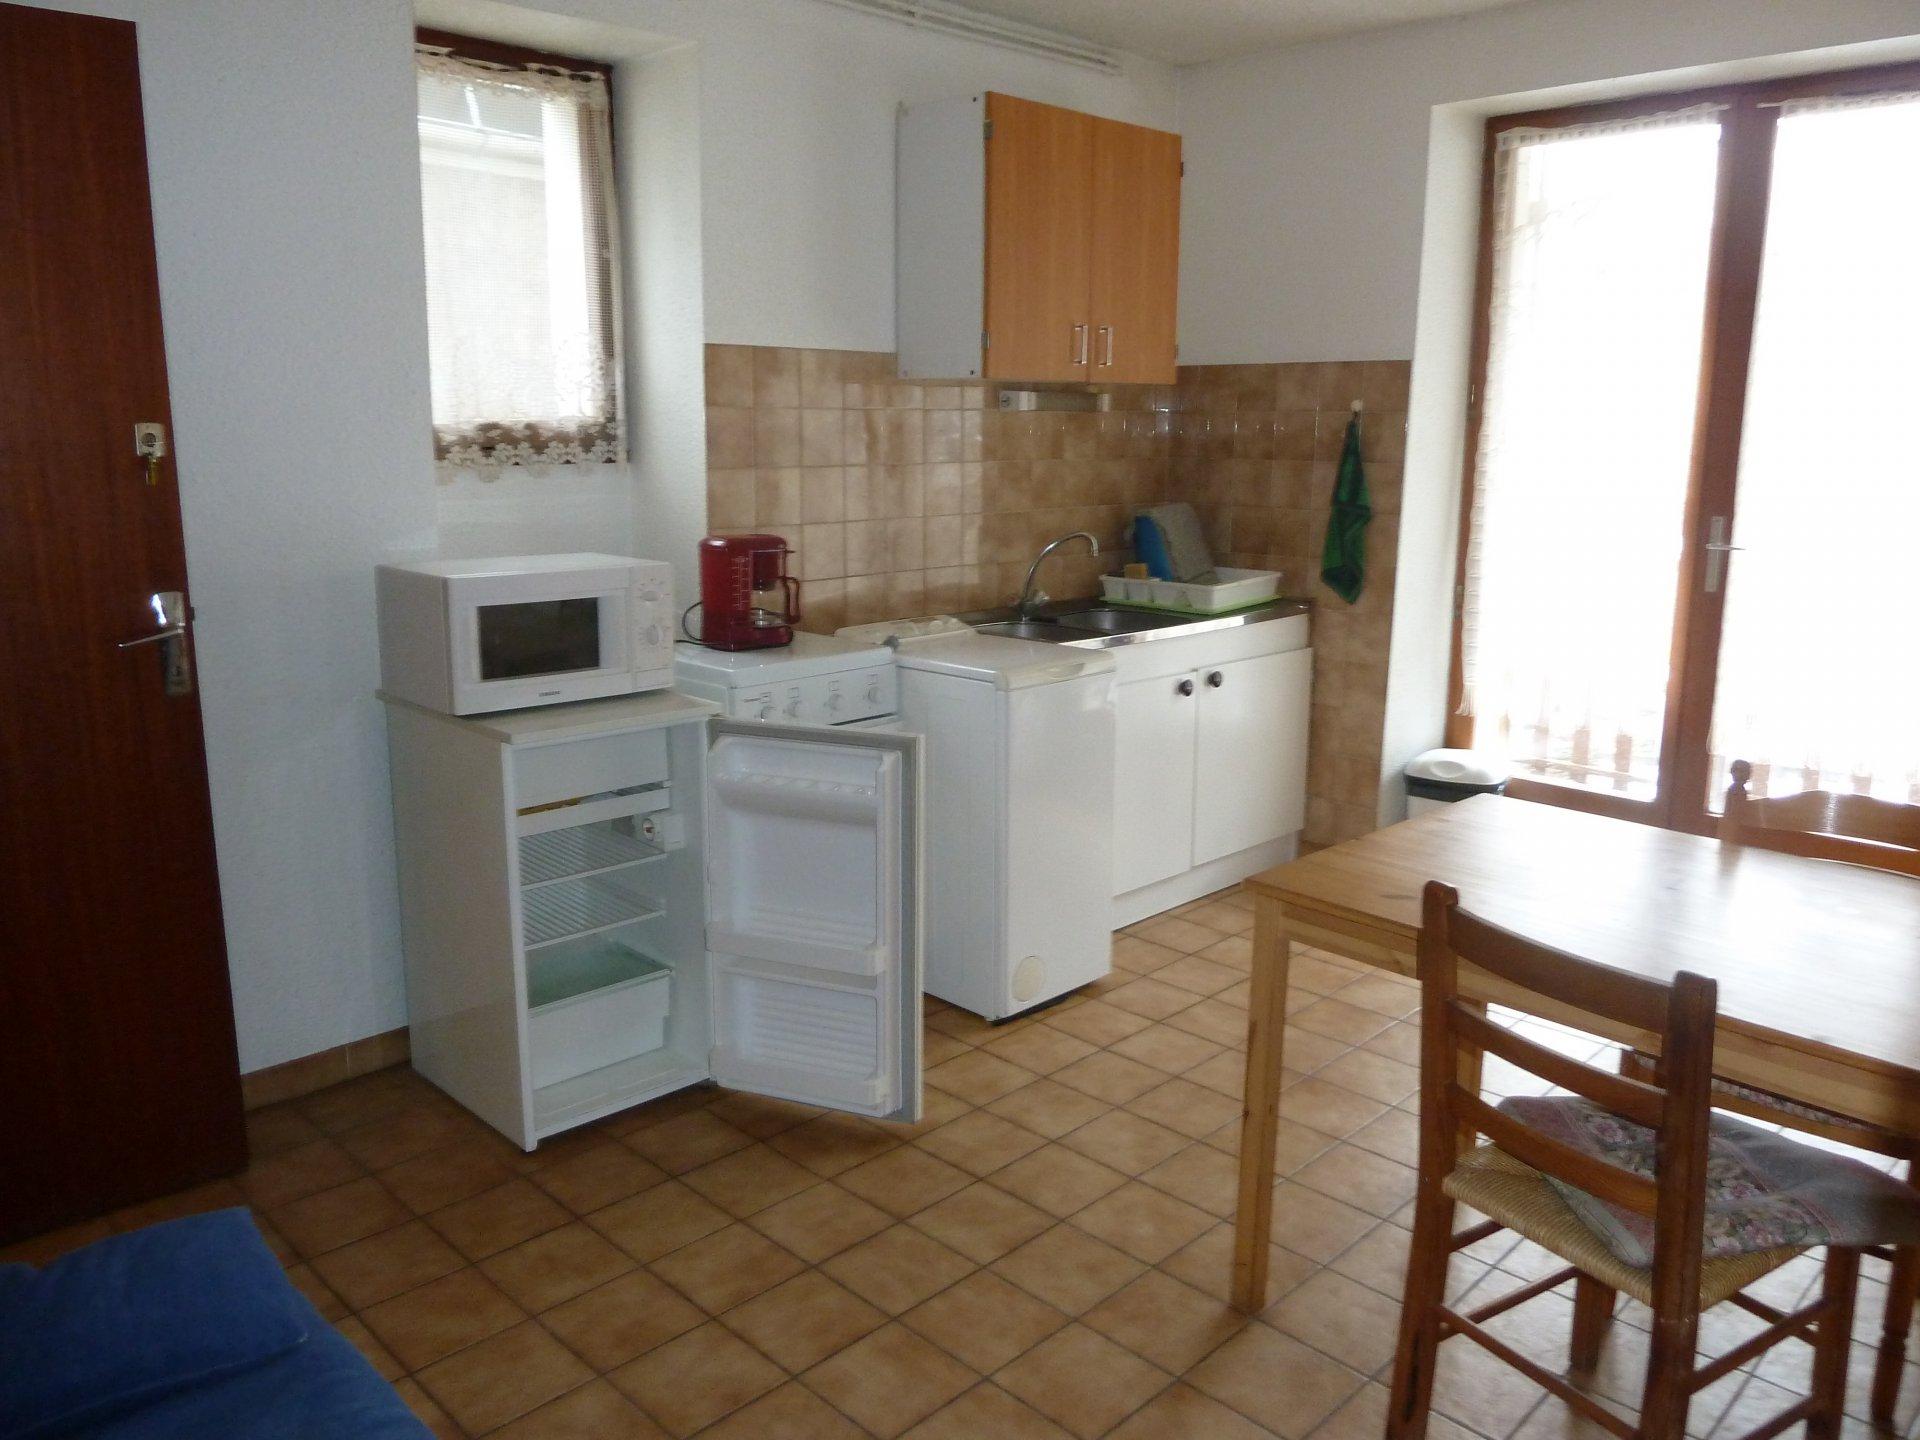 location Appartement T2 meublé